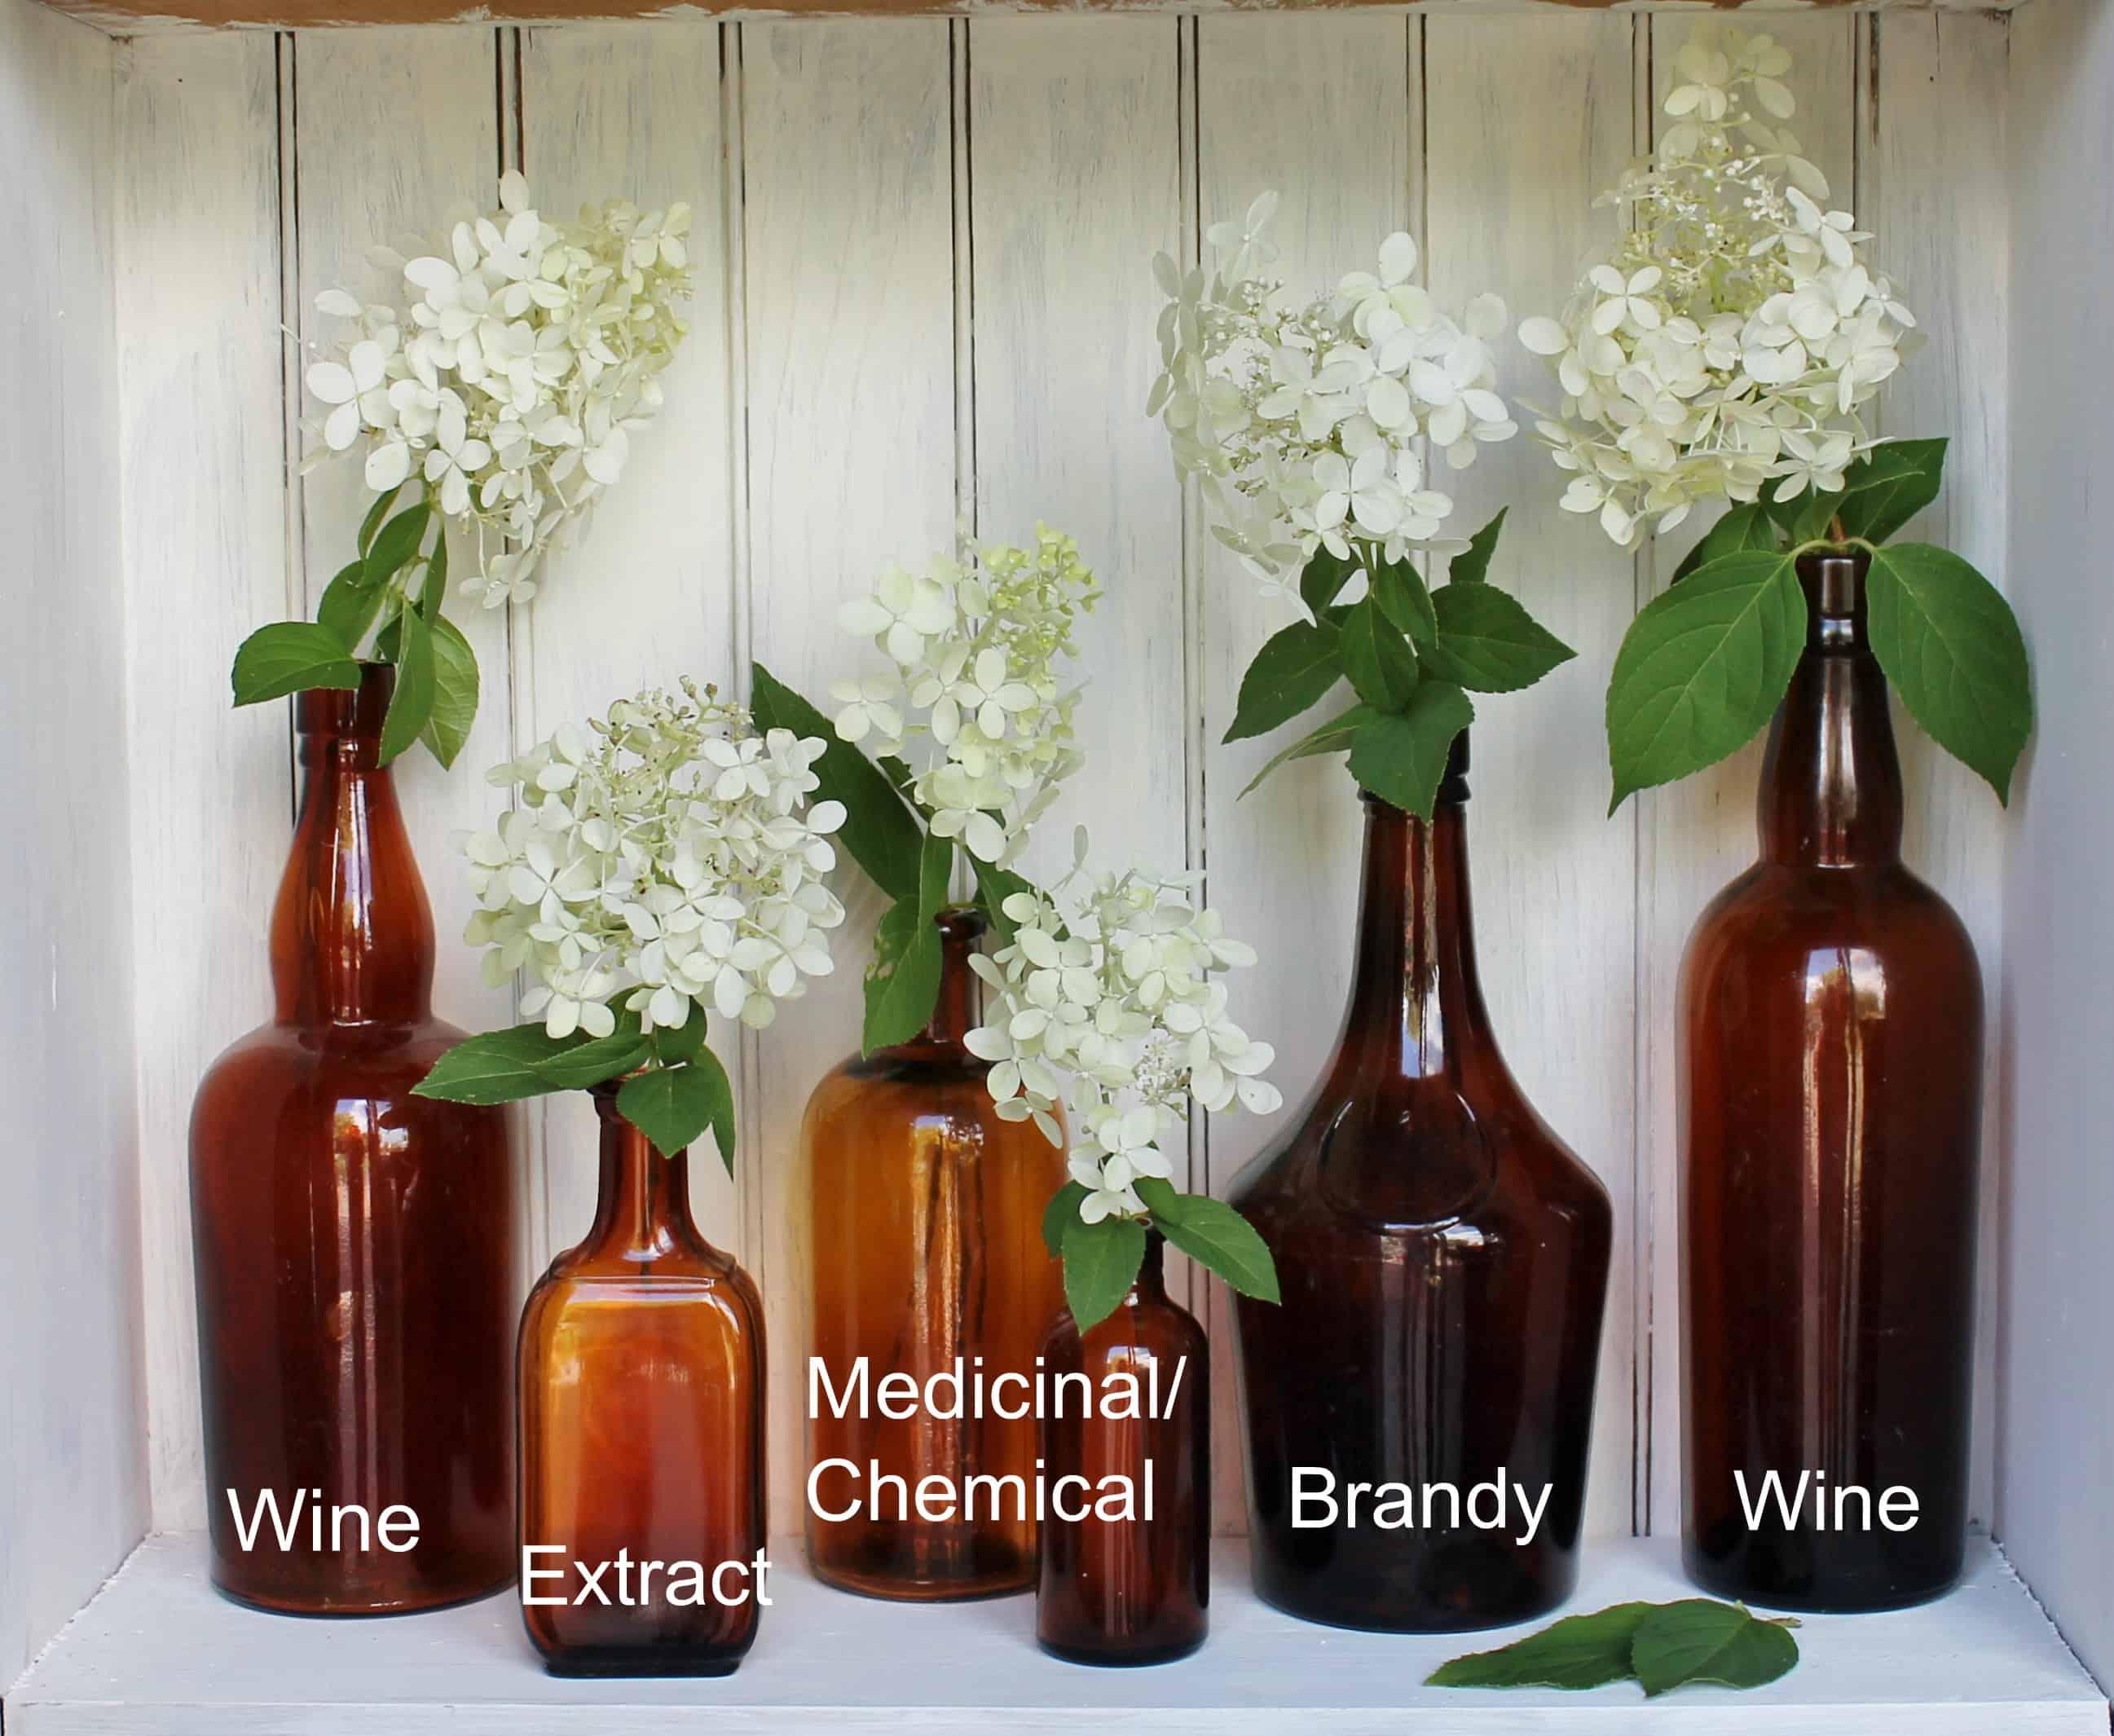 Vintage amber bottles with labels